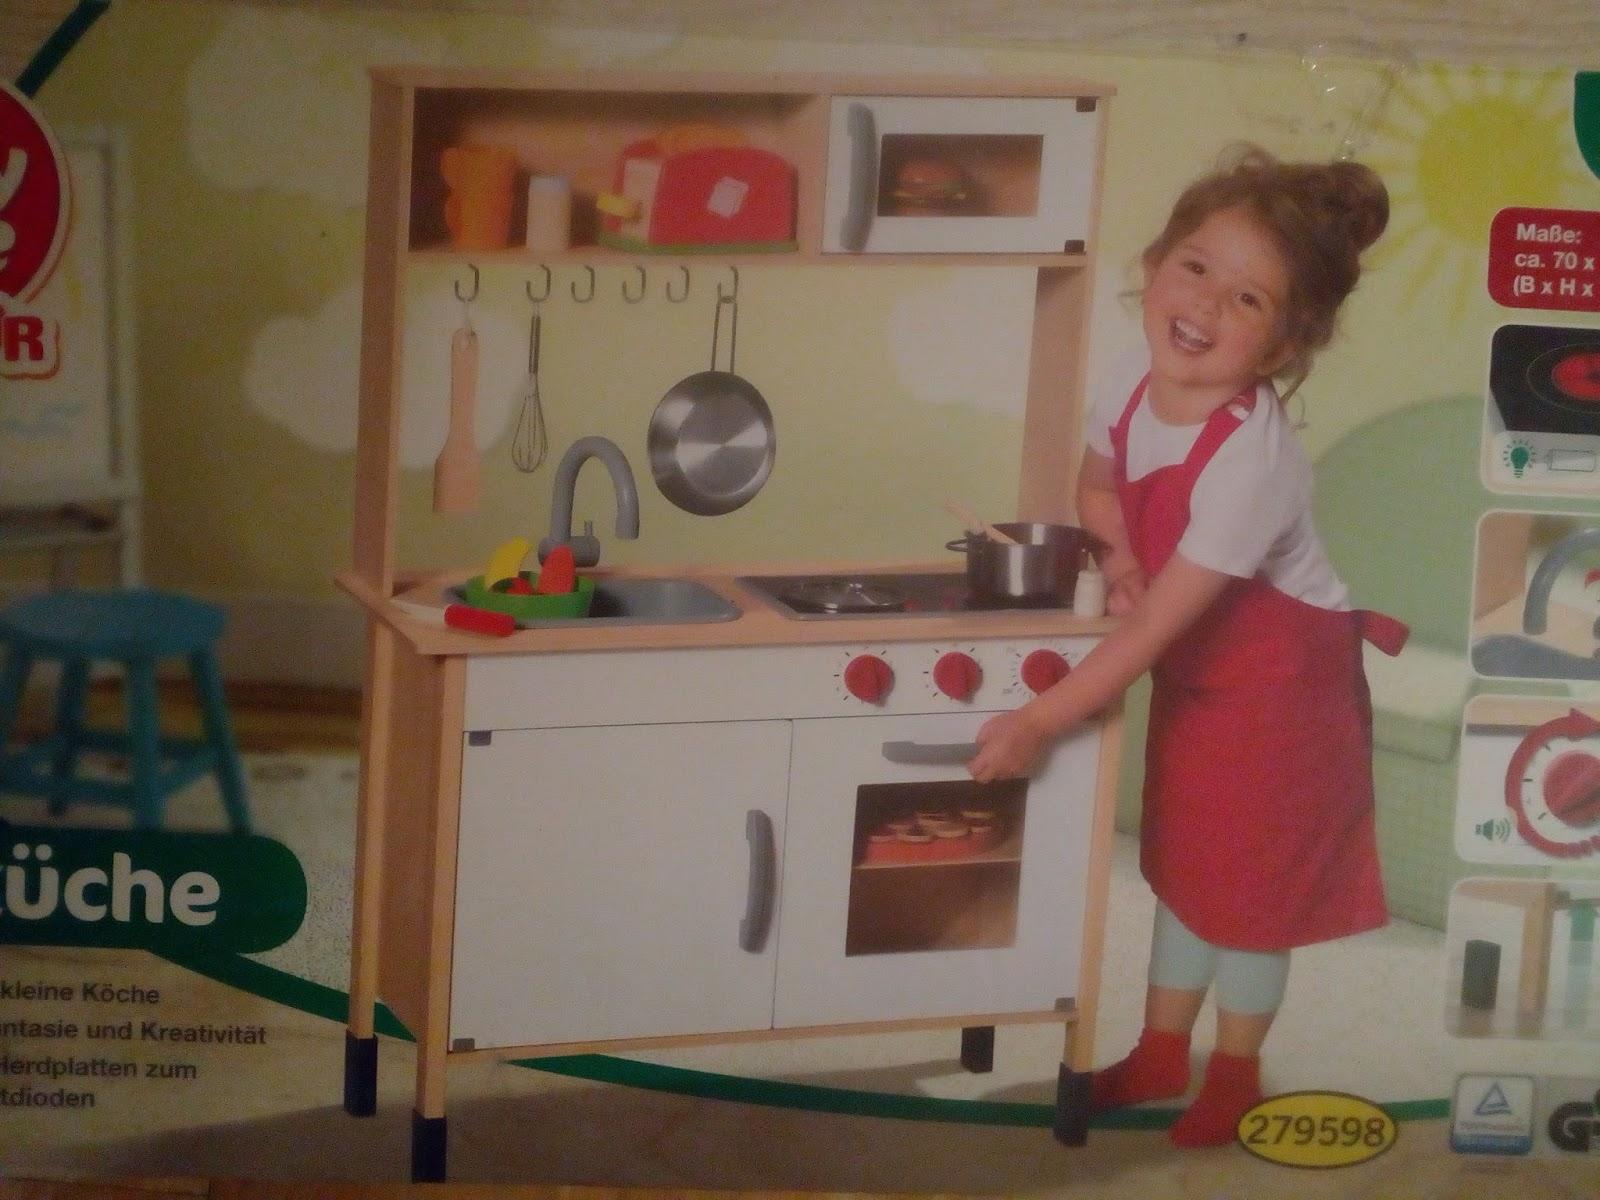 ... Mamischnack Kinderkuche Fmdchreibtischkonsole ...